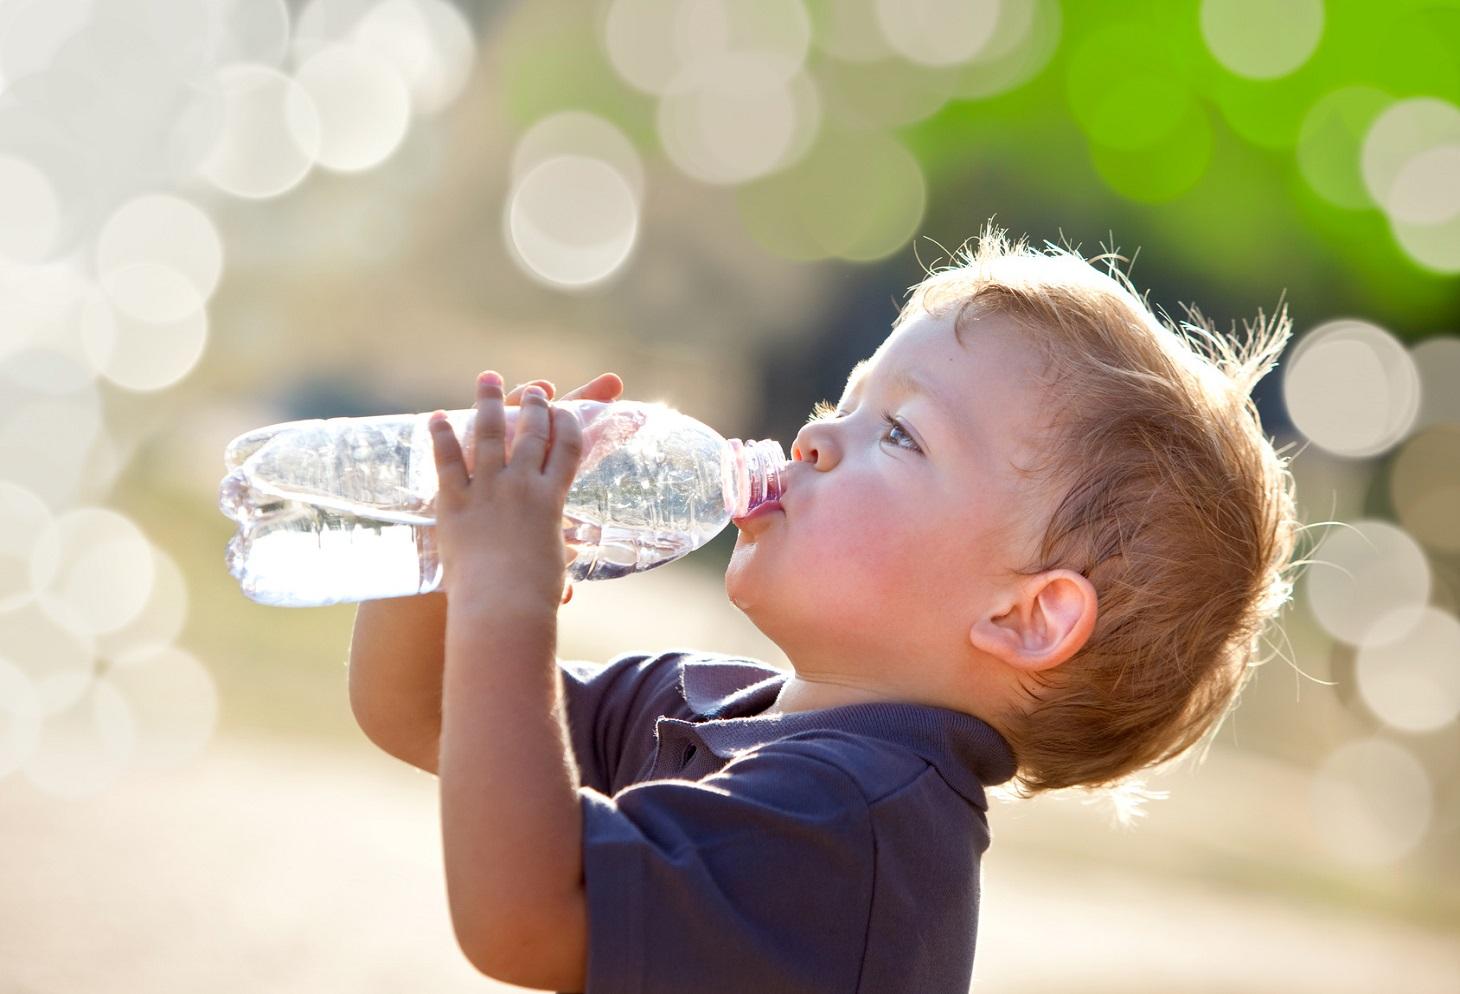 Bere ogni giorno una giusta quantità di acqua è il caposaldo della prevenzione dei calcoli renali: è importante apprendere sin da piccini a bere regolarmente e soddisfare la sete con acqua.